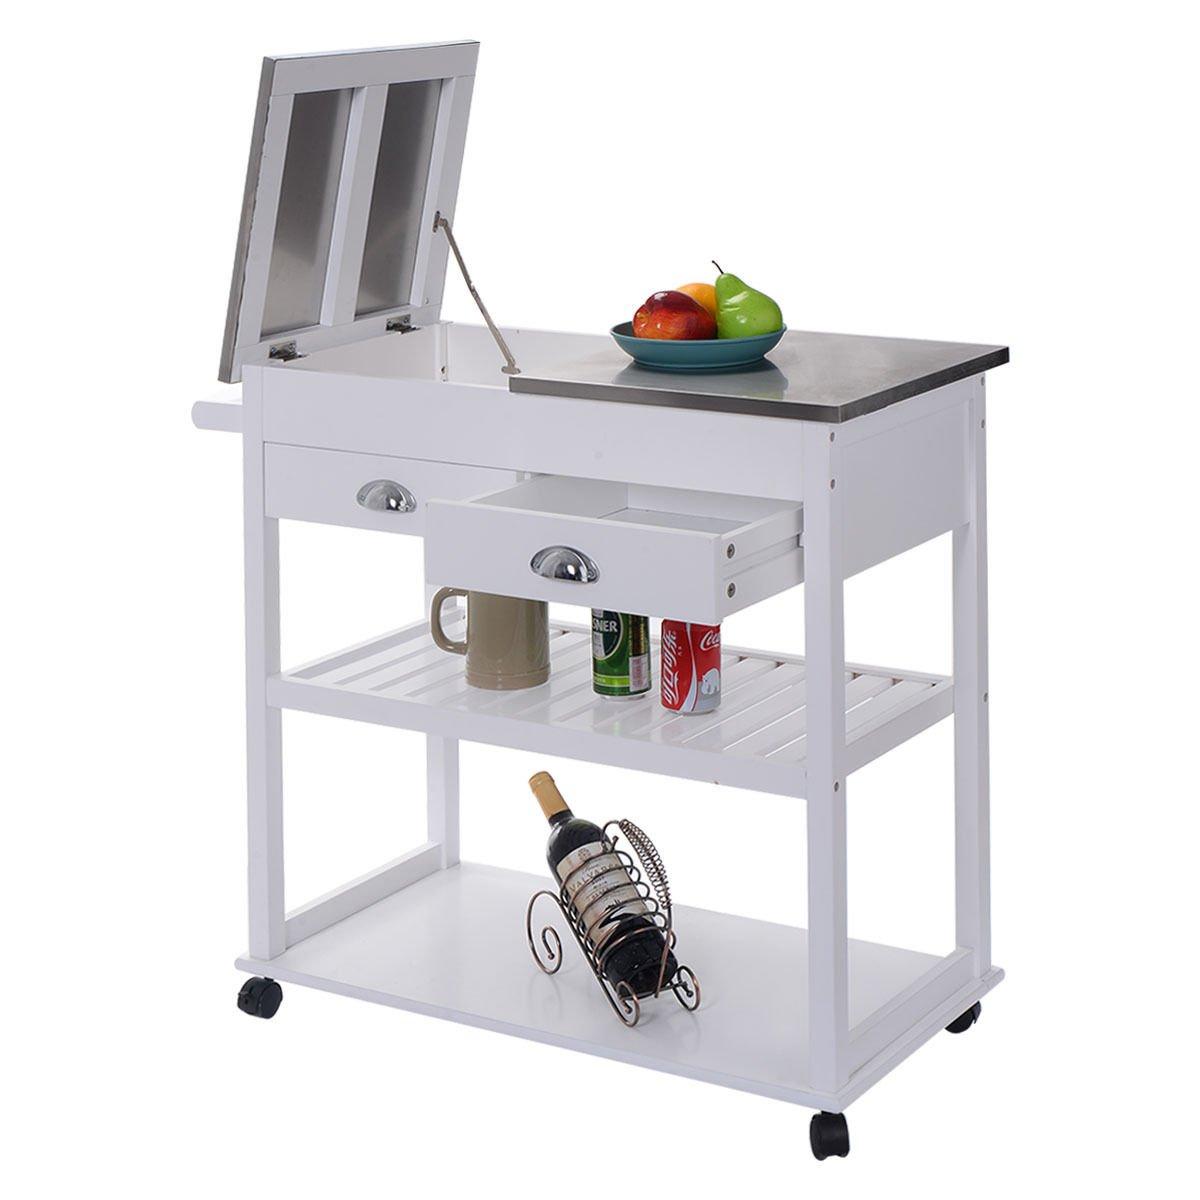 Eminentshop Rolling Kitchen Trolley Cart Stainless Steel Flip Top W/Drawers White by Eminentshop